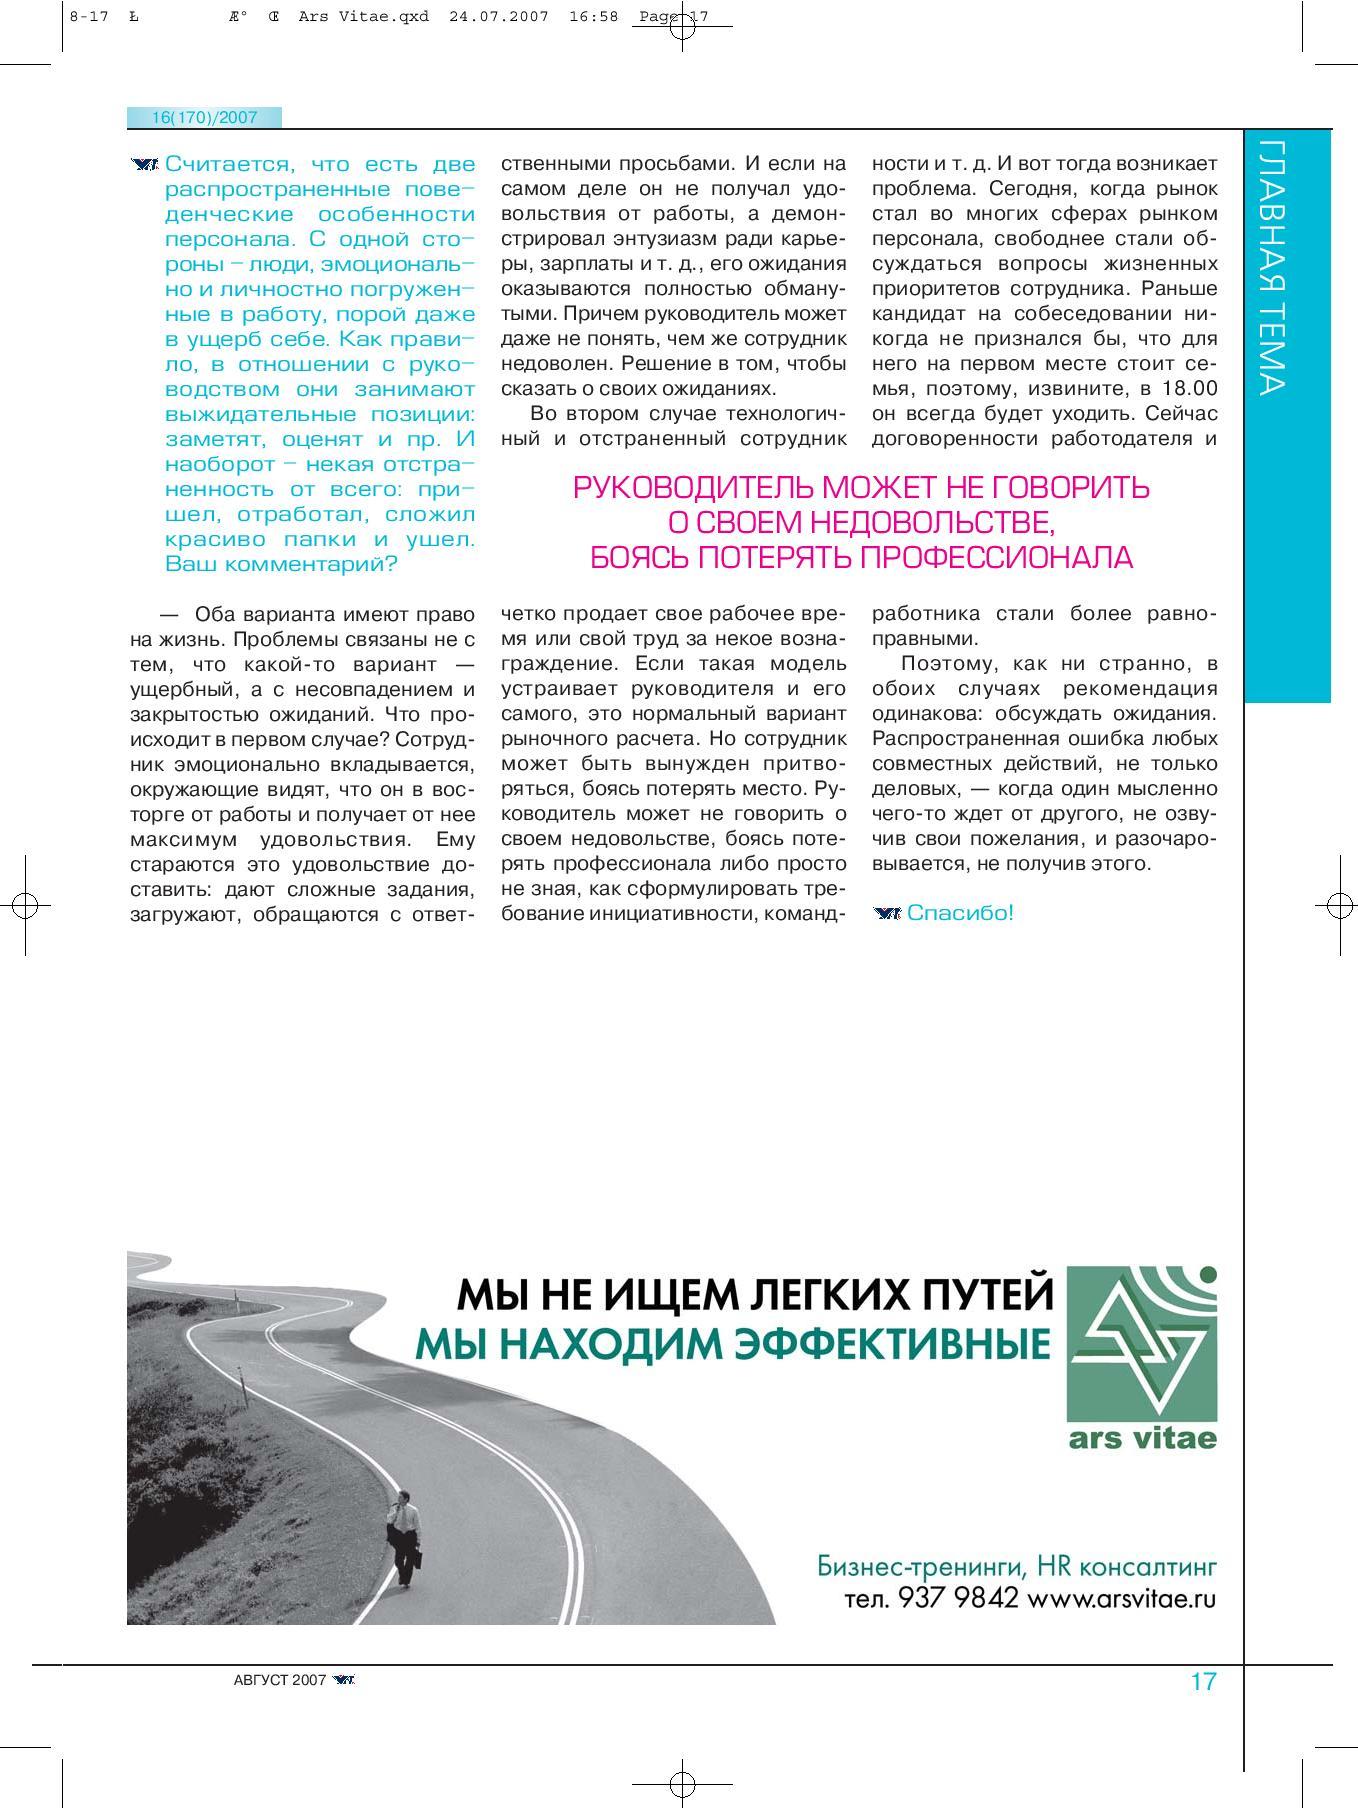 8-17__intervyu_oblozhka_Ars_Vitae-page-010.jpg